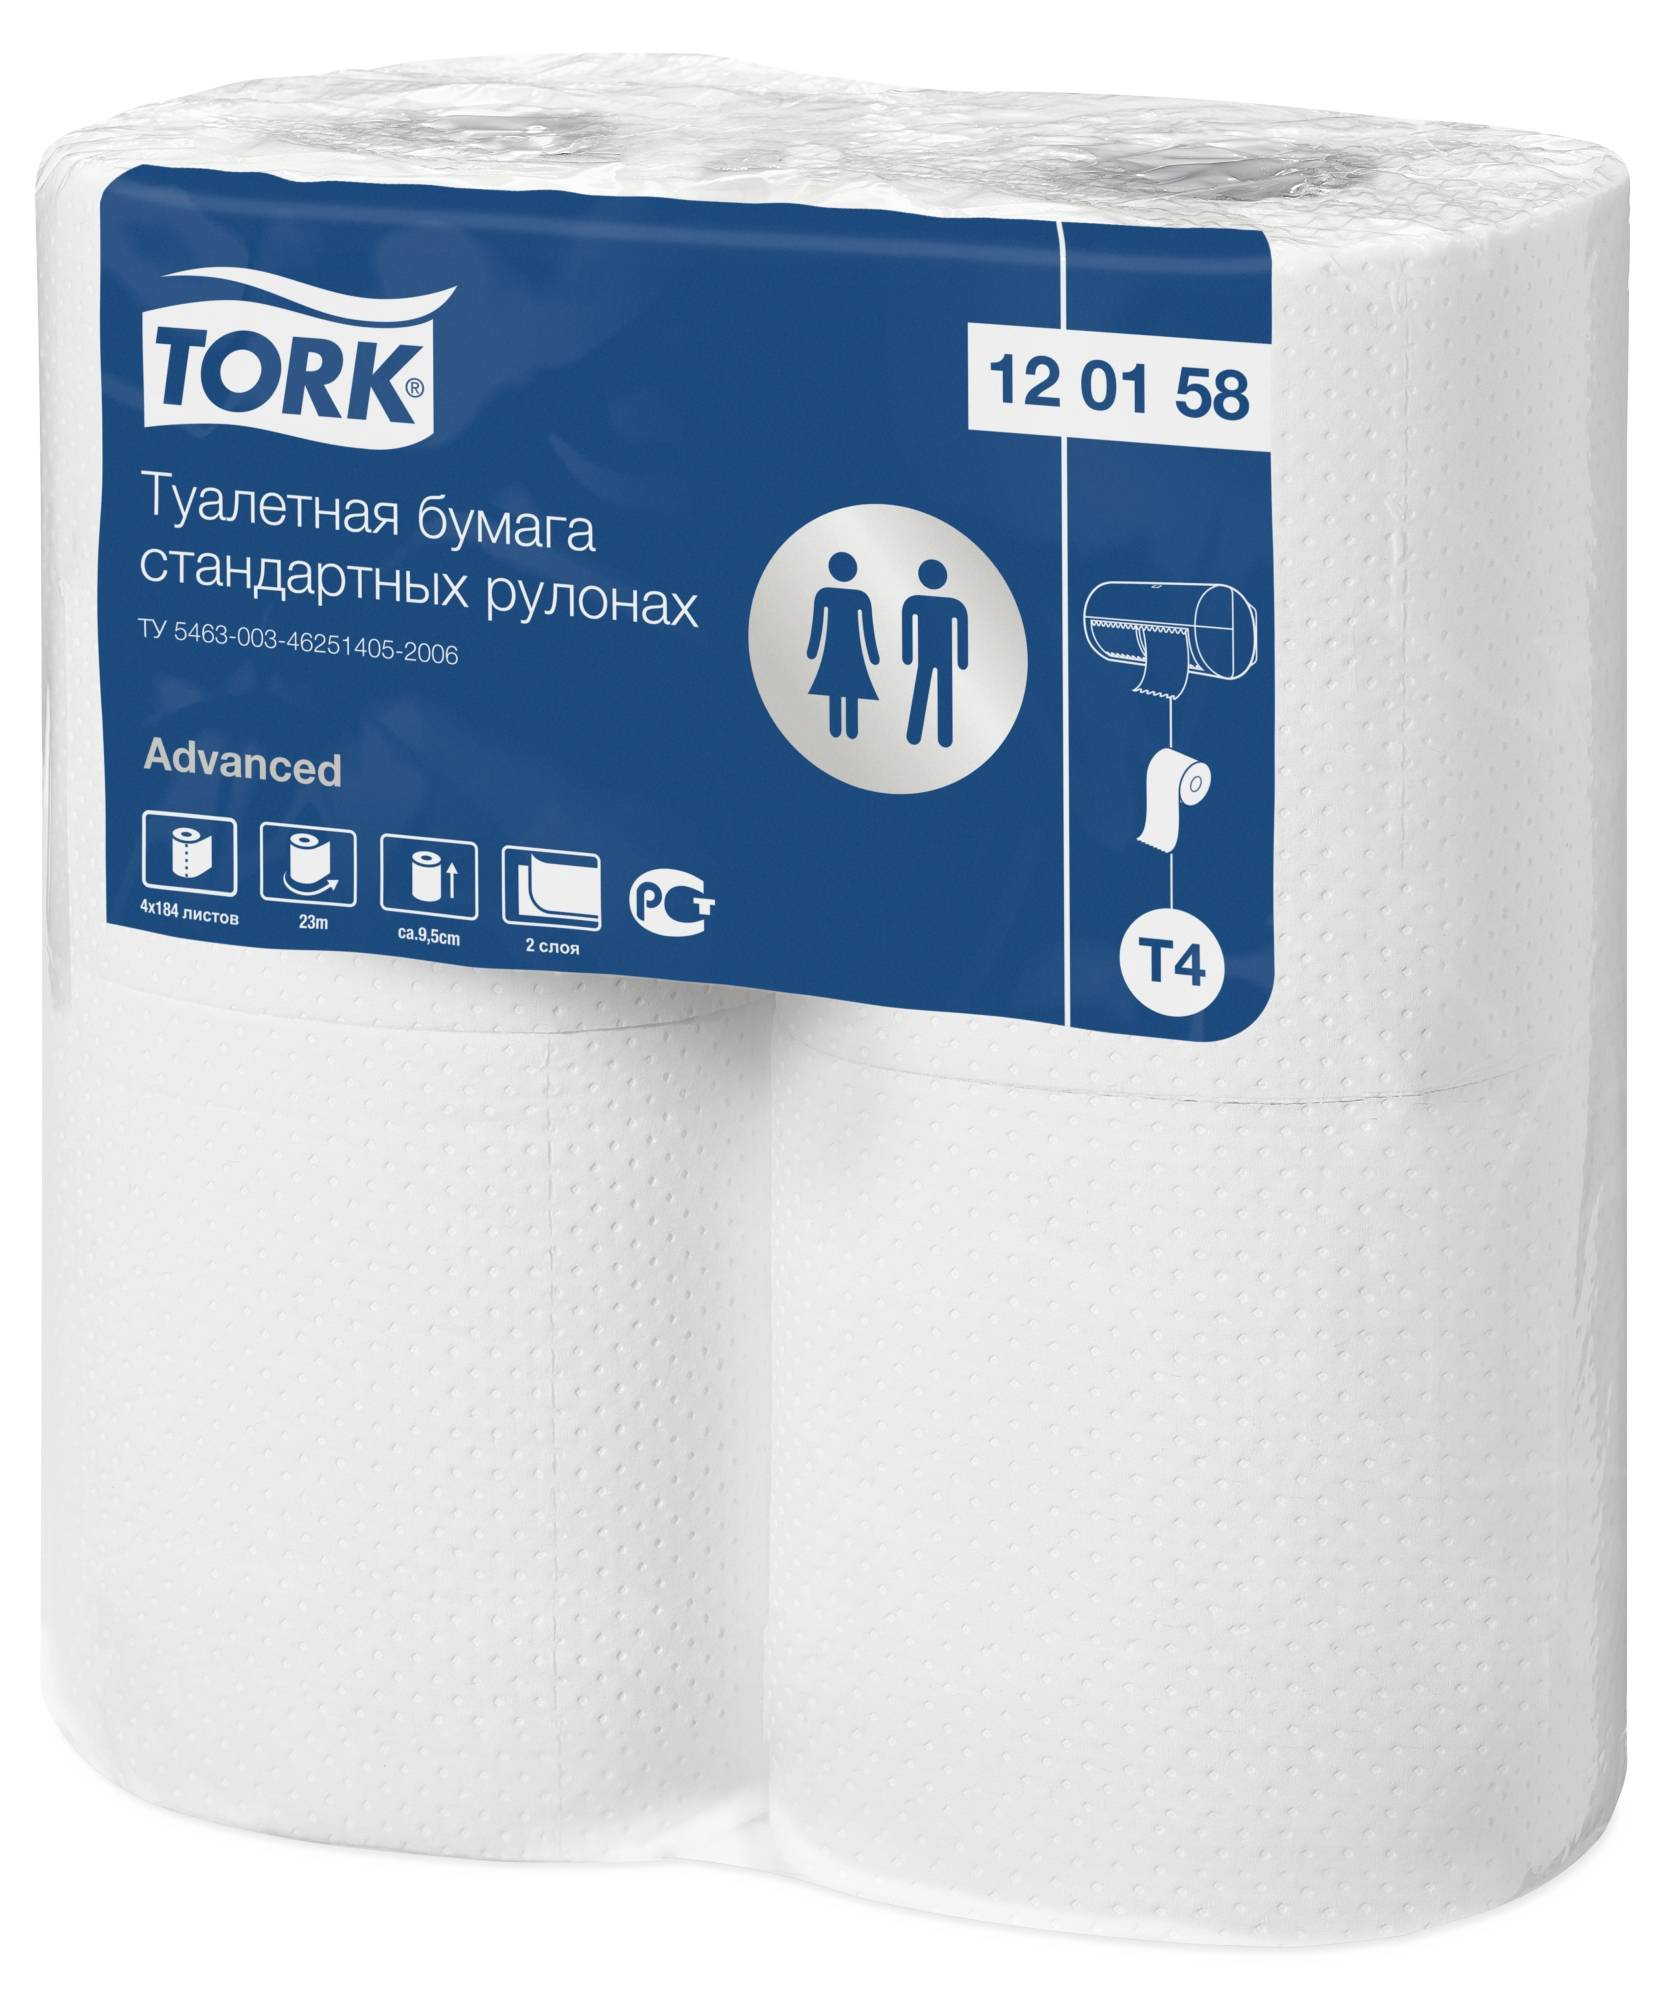 Бумага туал. 2 сл. TORK ADVANCED T4 4 шт белый 184 л.